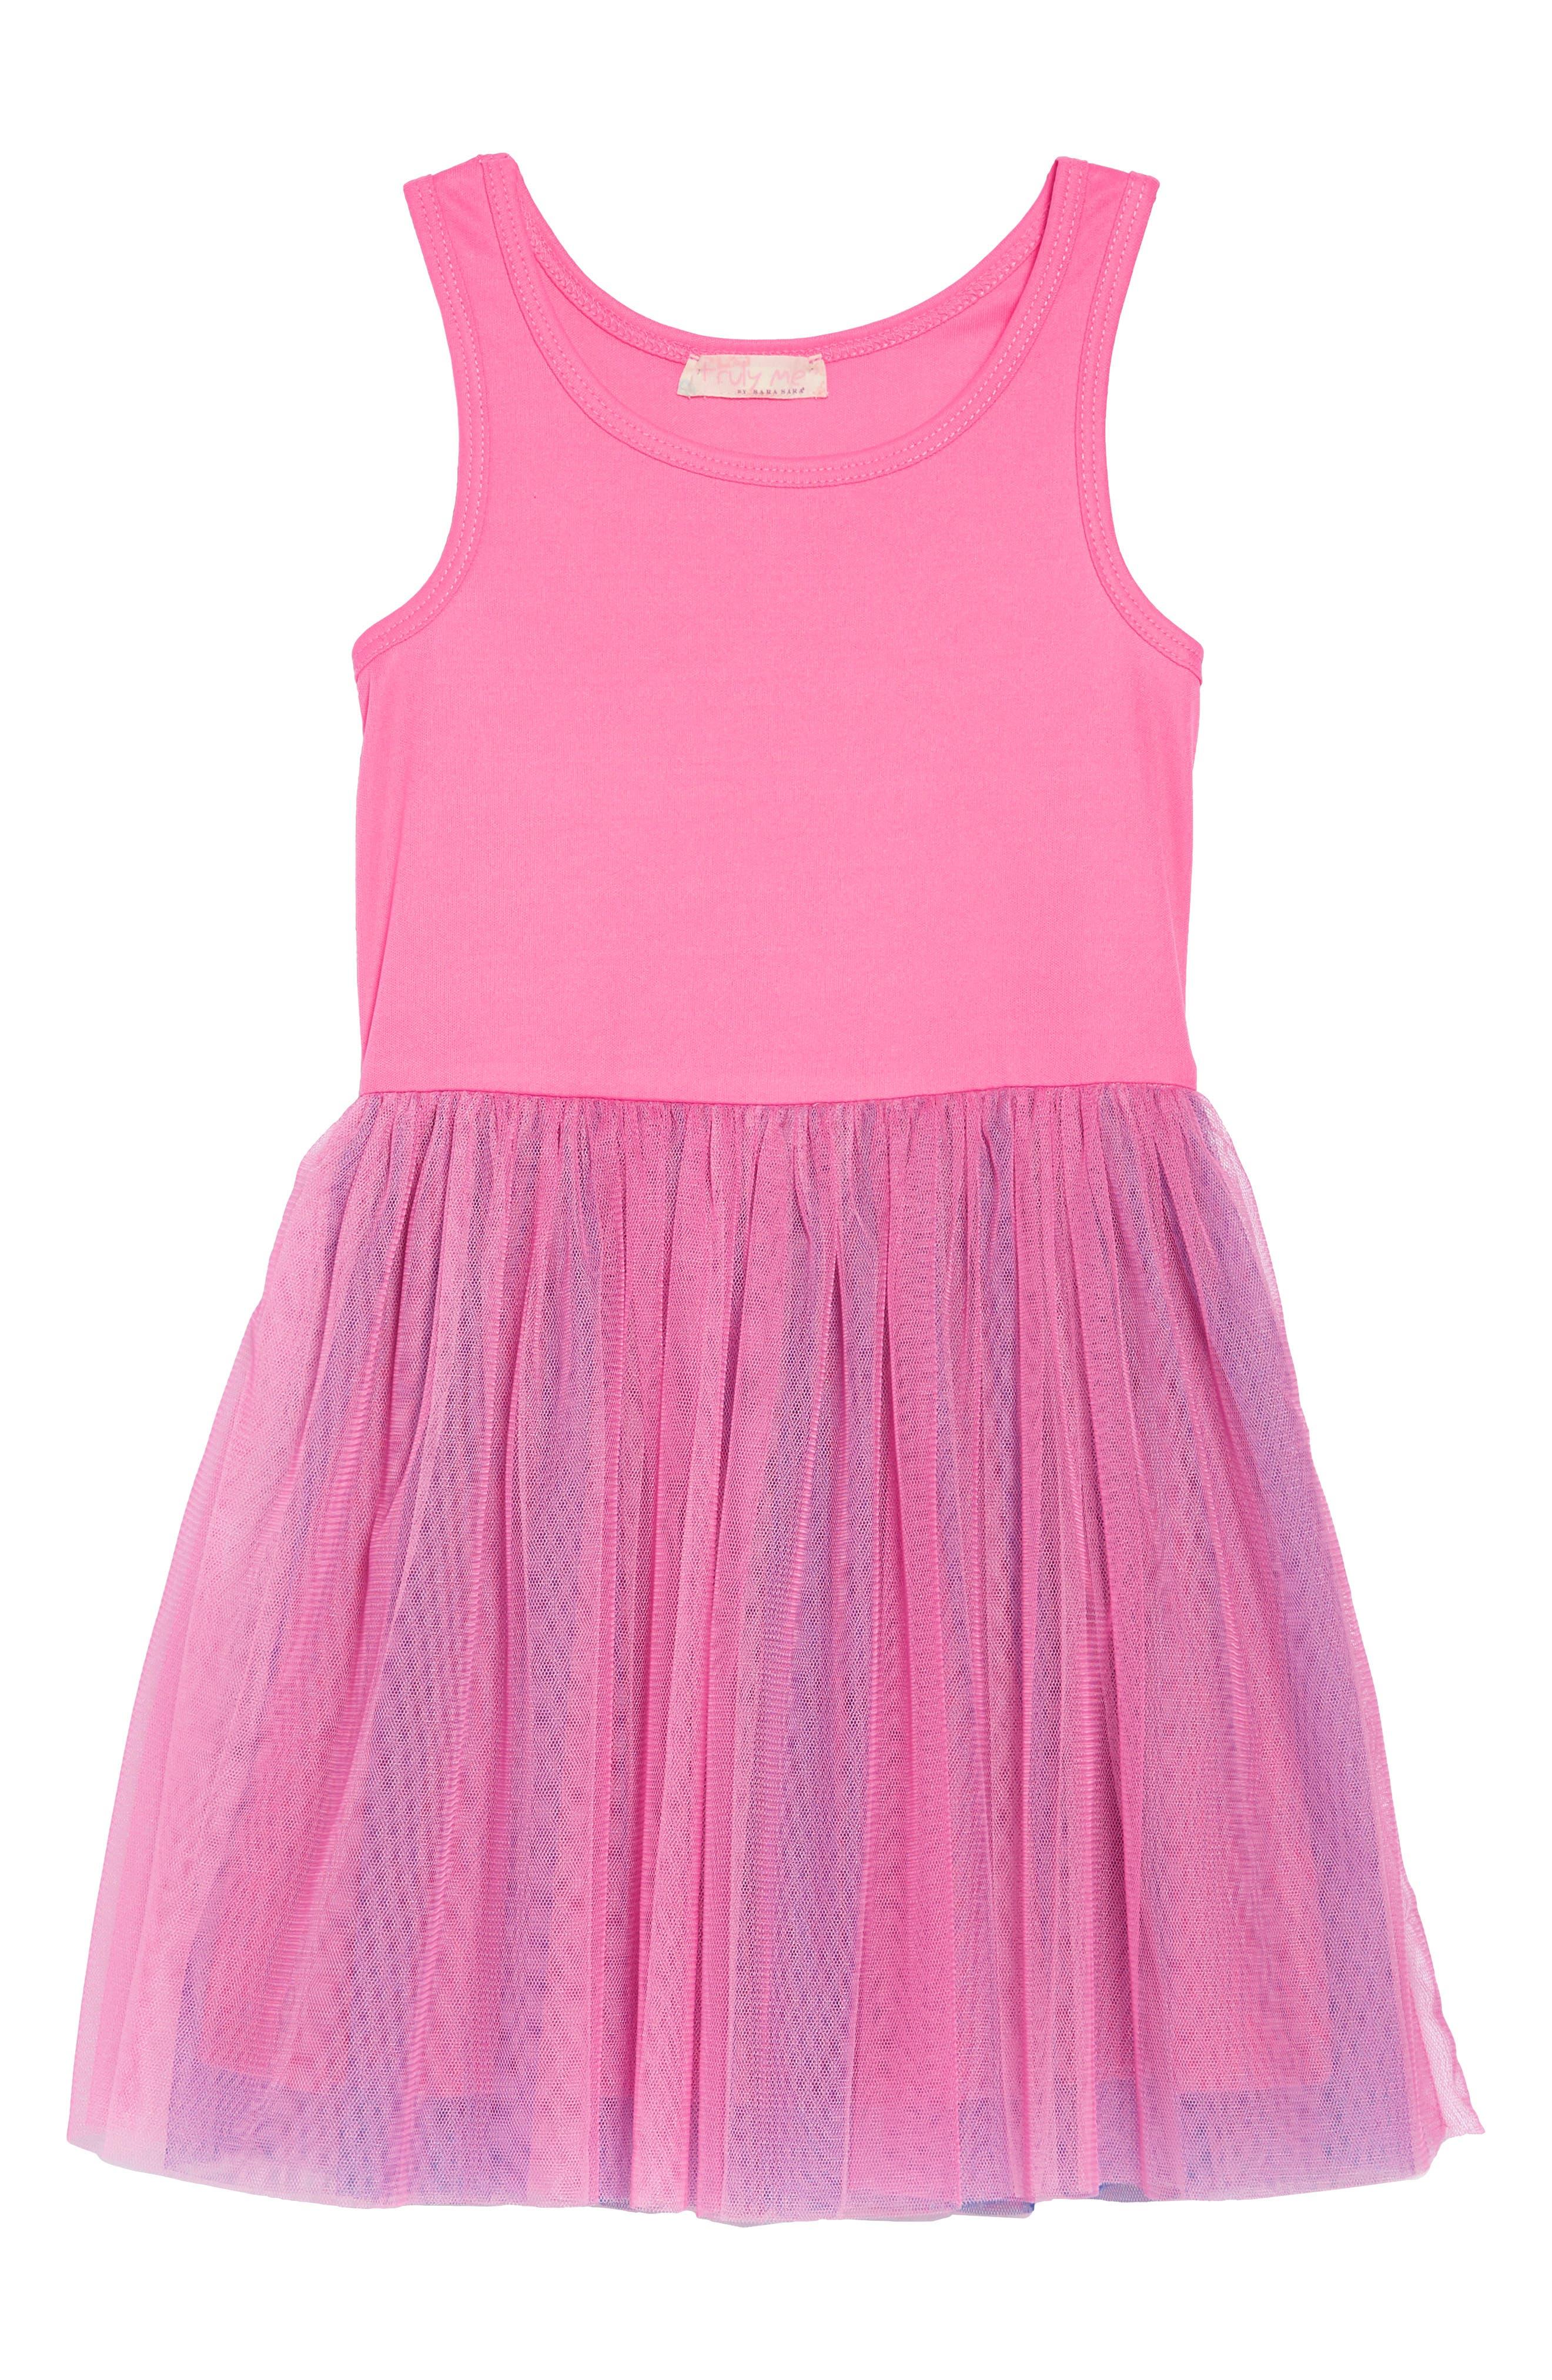 Appliqué Top & Tutu Dress Set,                             Alternate thumbnail 4, color,                             418